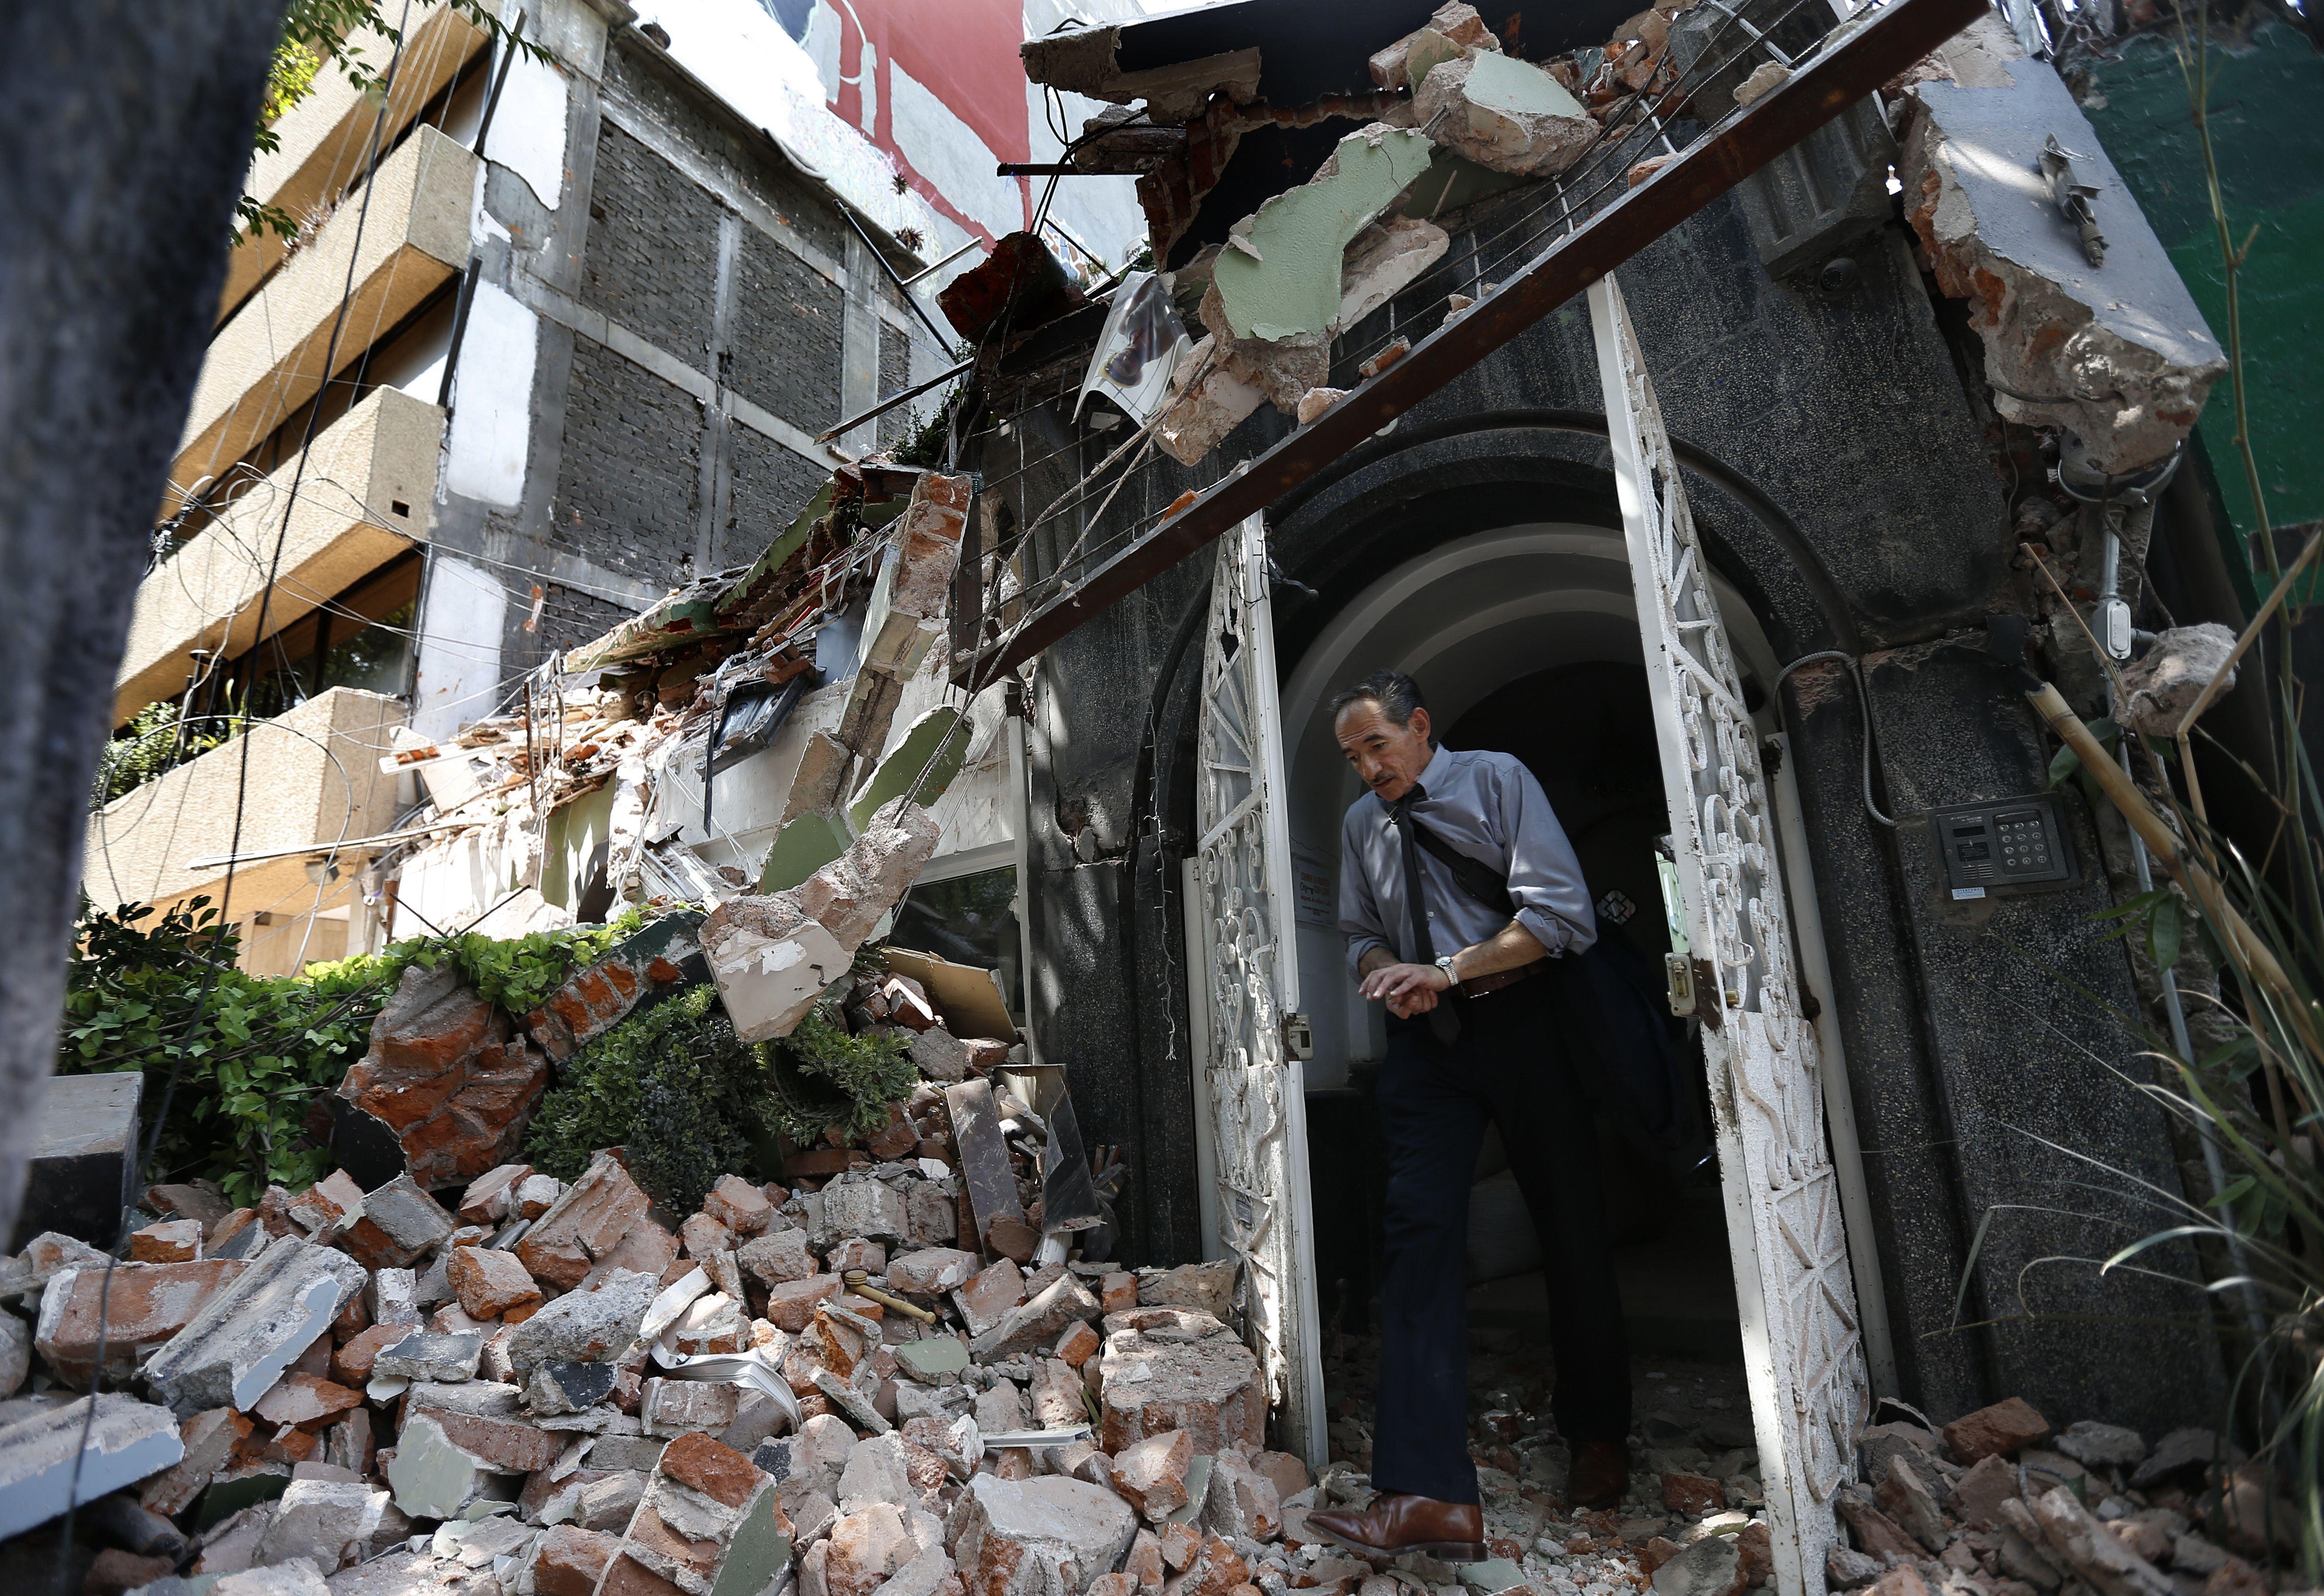 LO ÚLTIMO:Al menos 8 extranjeros muertos por sismo en México